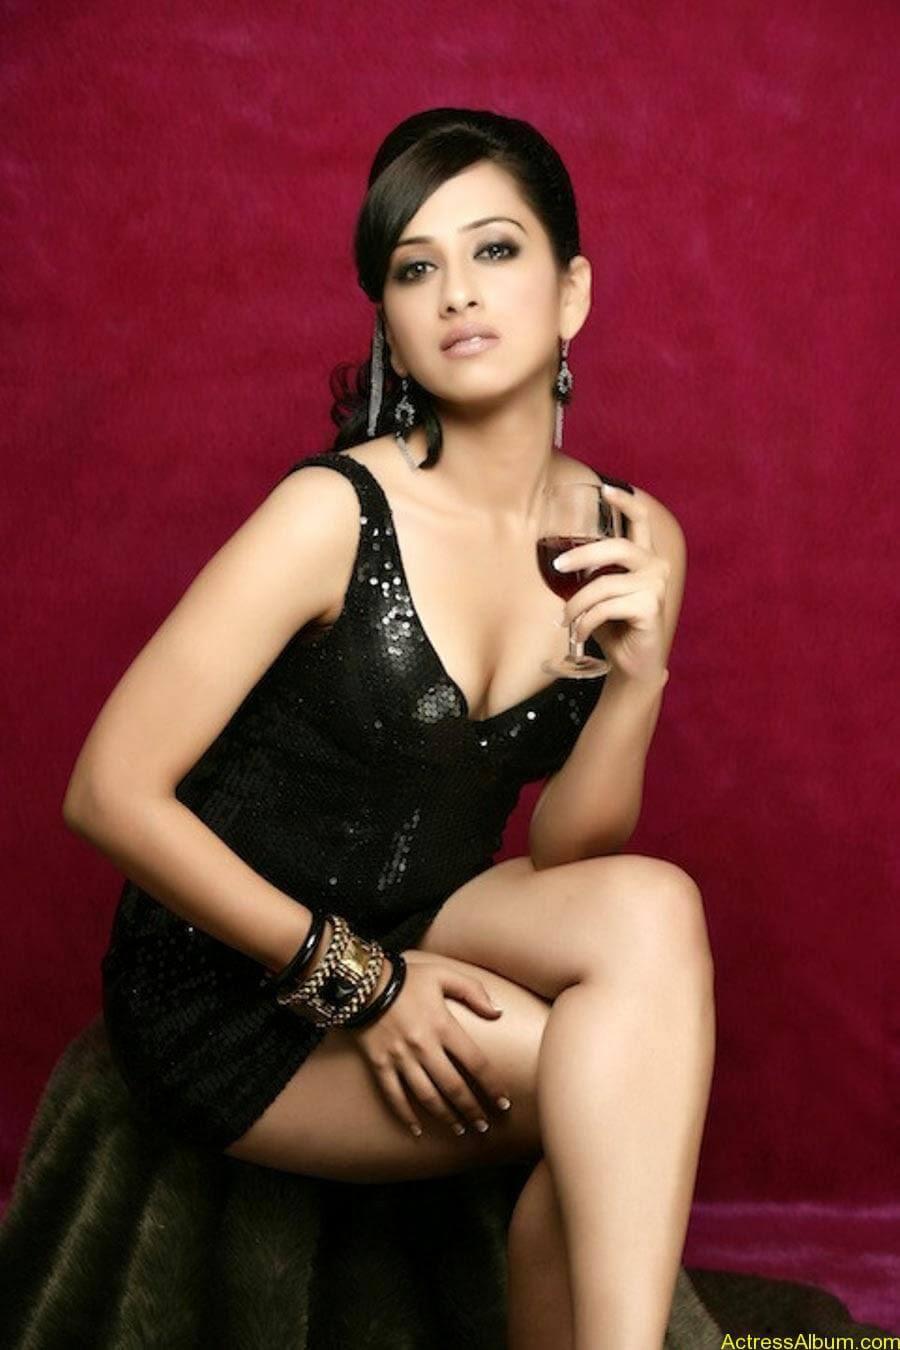 Monali sehgal saree photoshoot 6